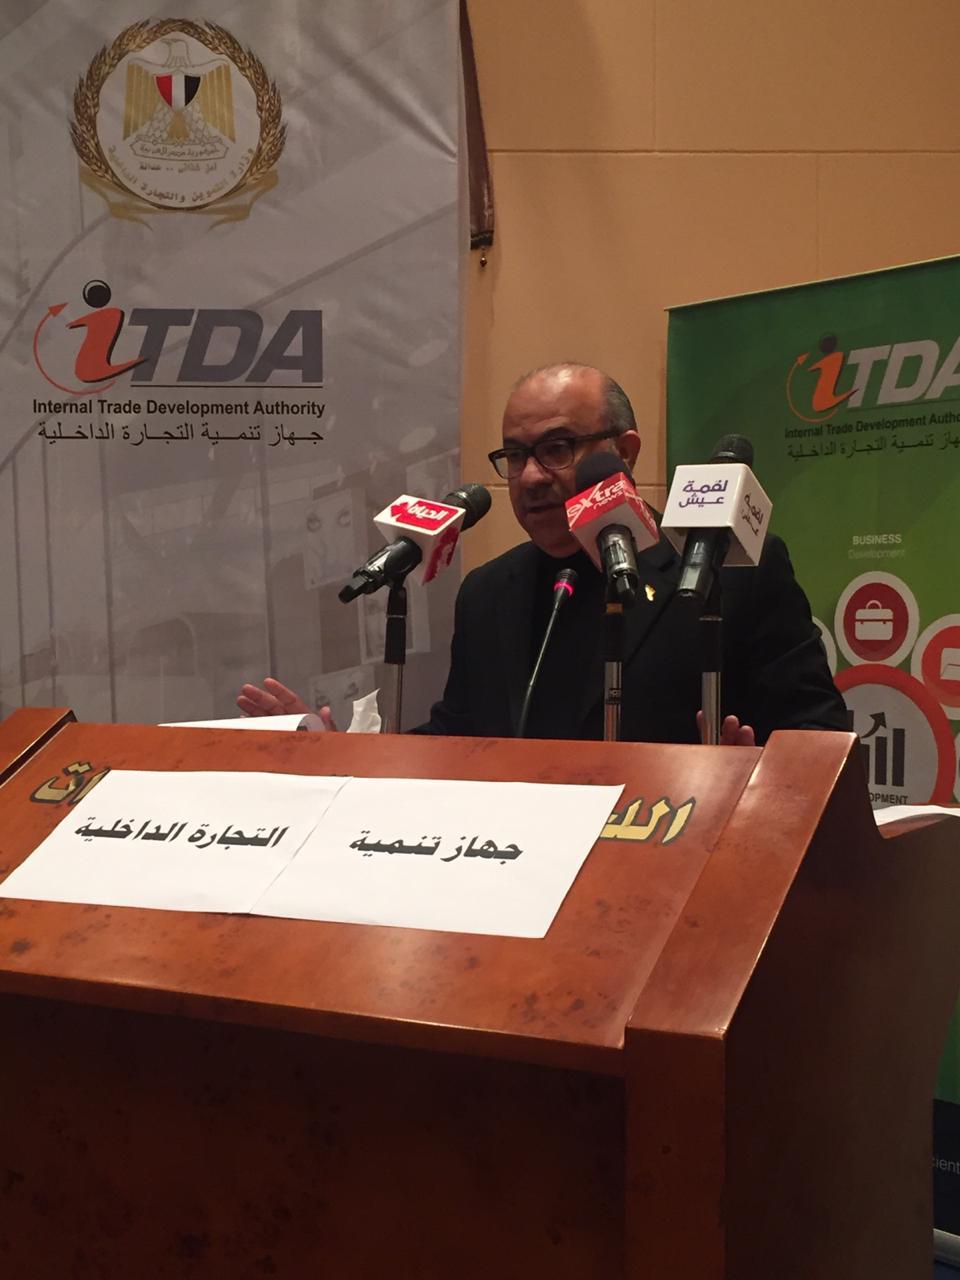 المؤتمر الصحفى لجهاز تنمية التجارة الداخلية بوزارة التموين  (5)